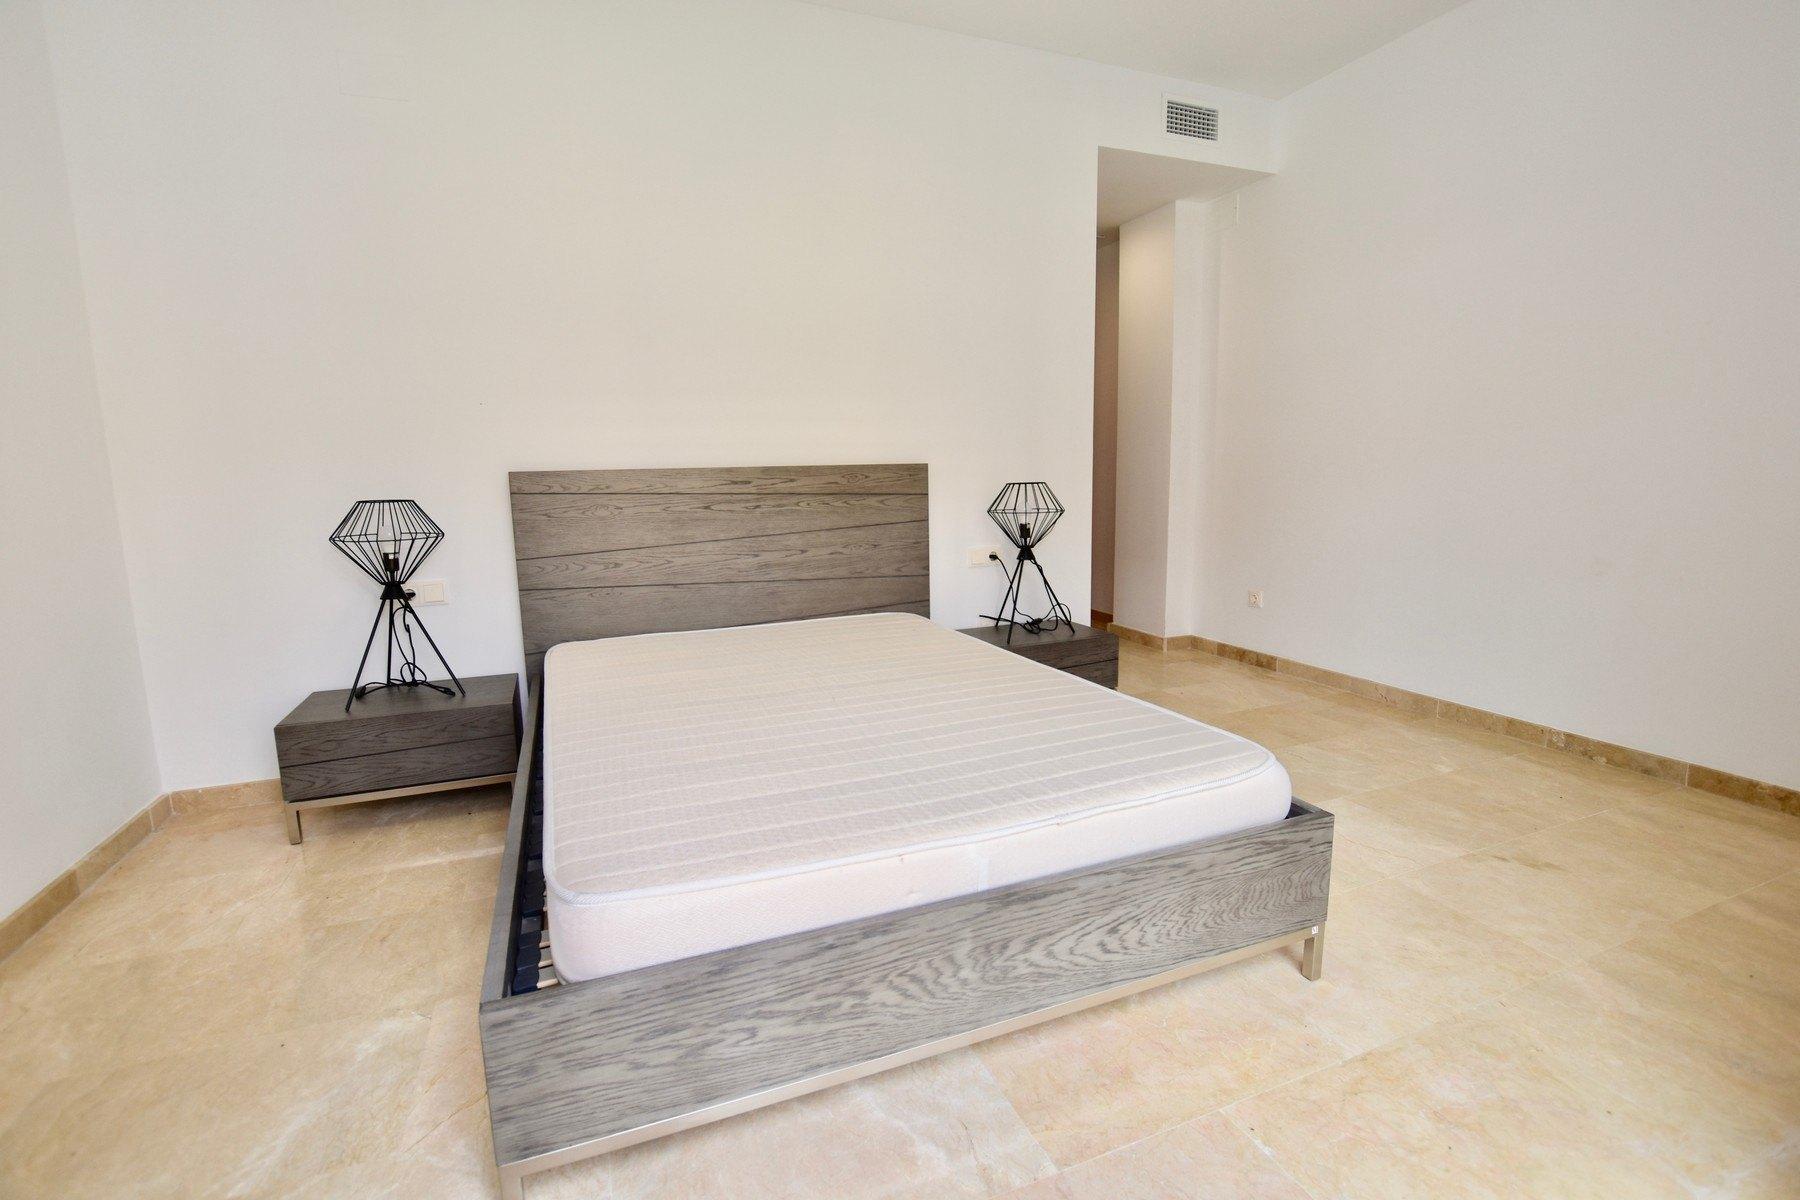 Hermoso apartamento de 2 habitaciones en urbanización Jardines de Montemar en Moraira - Costa Blanca